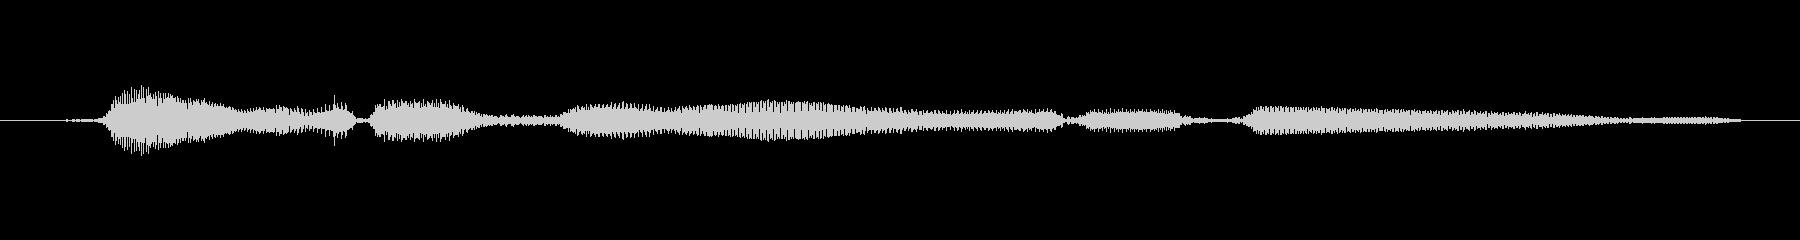 鳴き声 女性トークエルフィッシュ17の未再生の波形